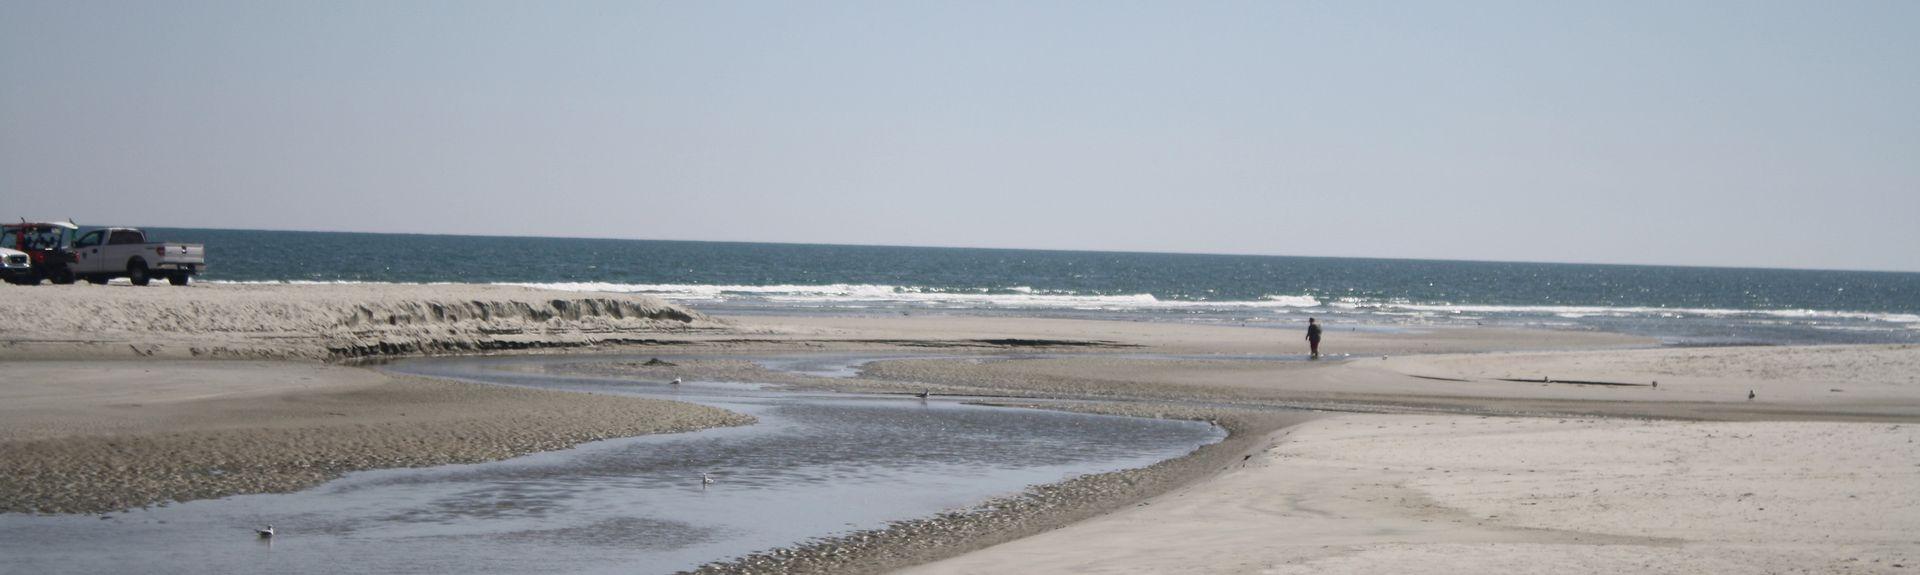 Ocean Creek Resort (Myrtle Beach, Carolina del Sur, Estados Unidos)